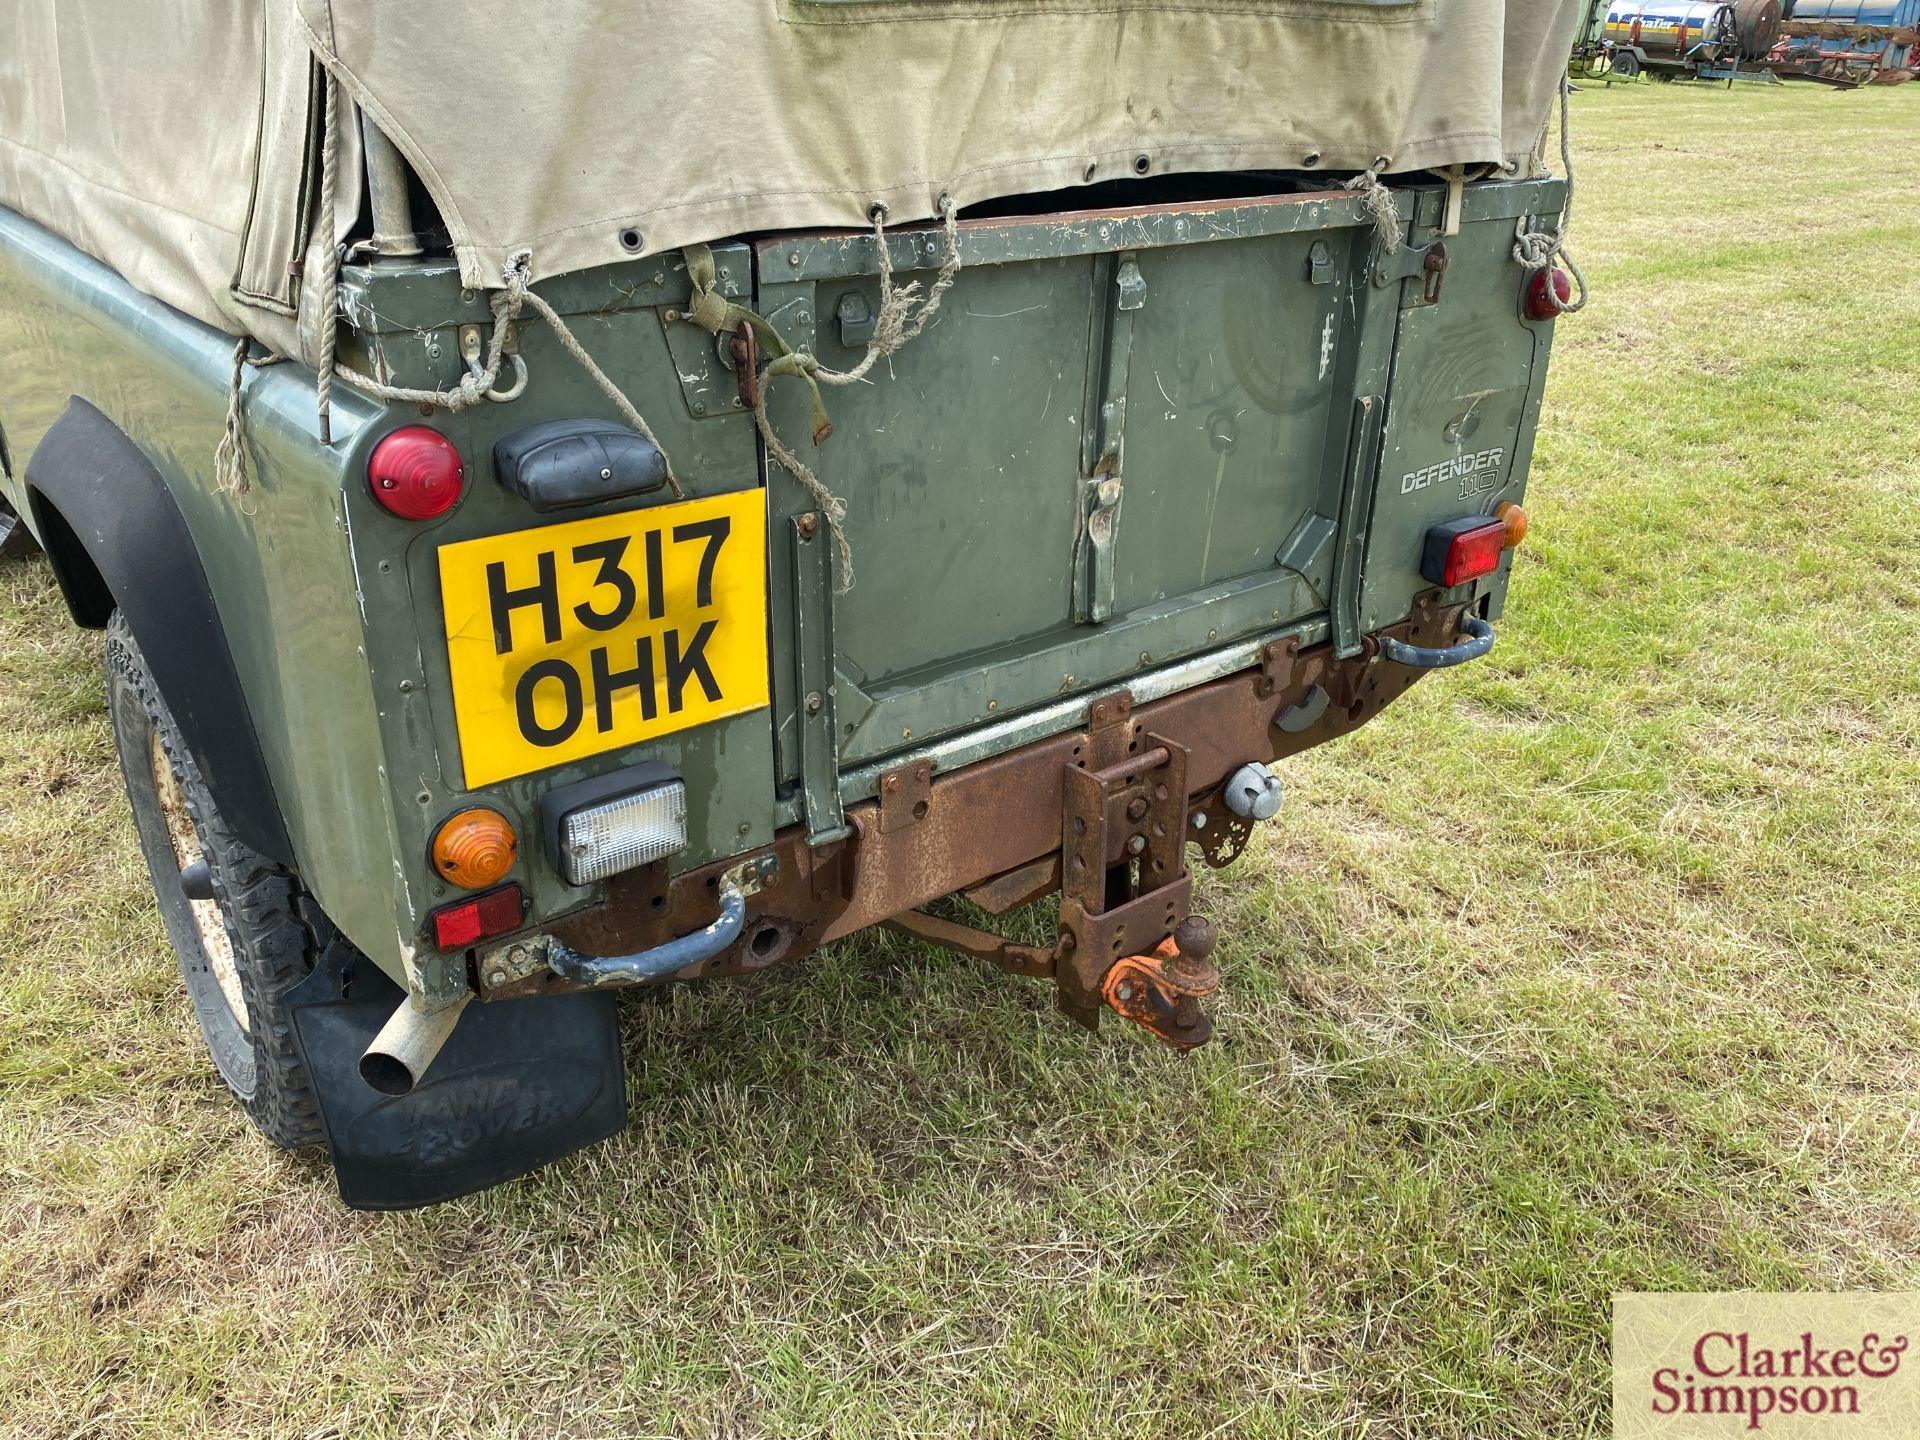 Land Rover Defender 110 single cab pick-up. Registration H317 OHK. Date of first registration 08/ - Image 24 of 56